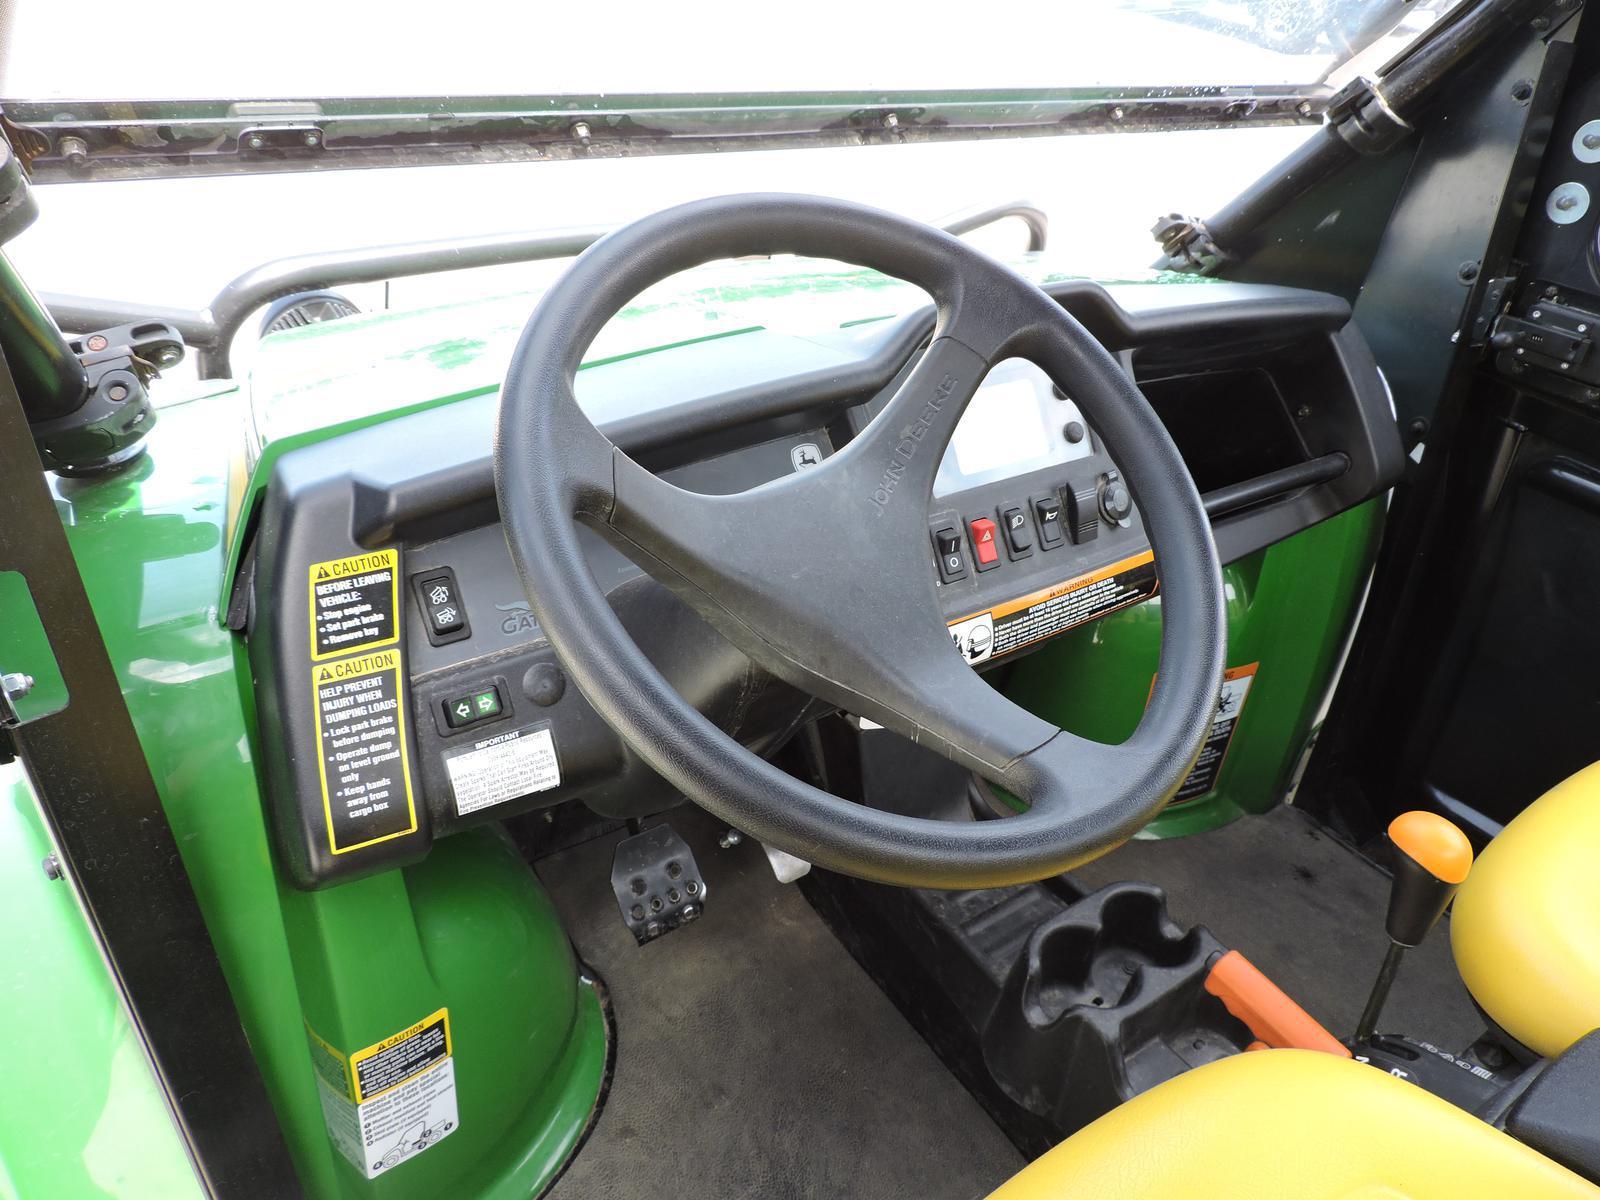 $12,495, 2012 John Deere Gator XUV 825i